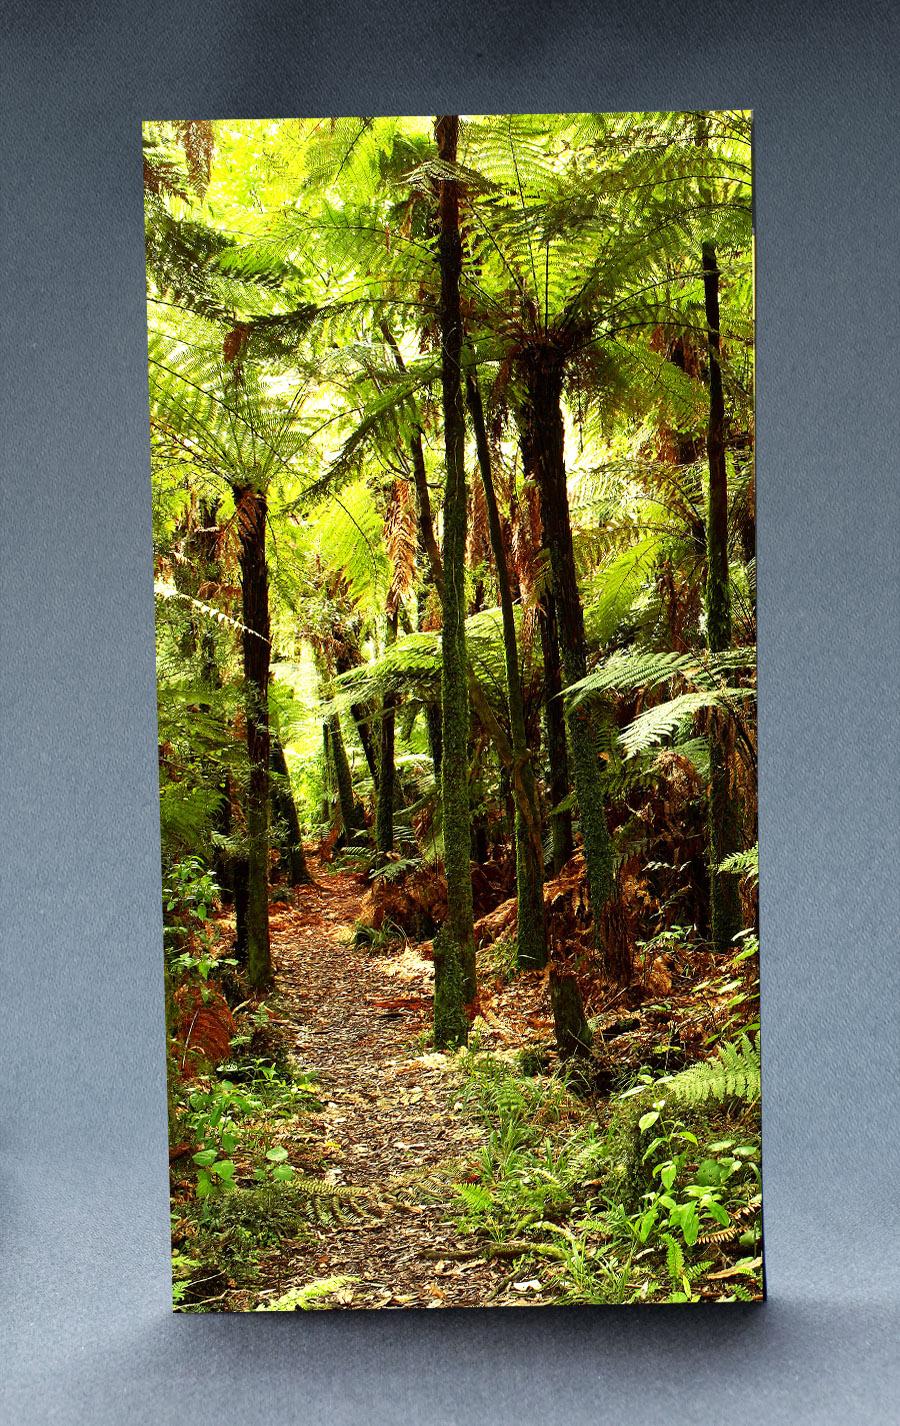 Remote Jungle 1:6 Scale Striking Backdrop